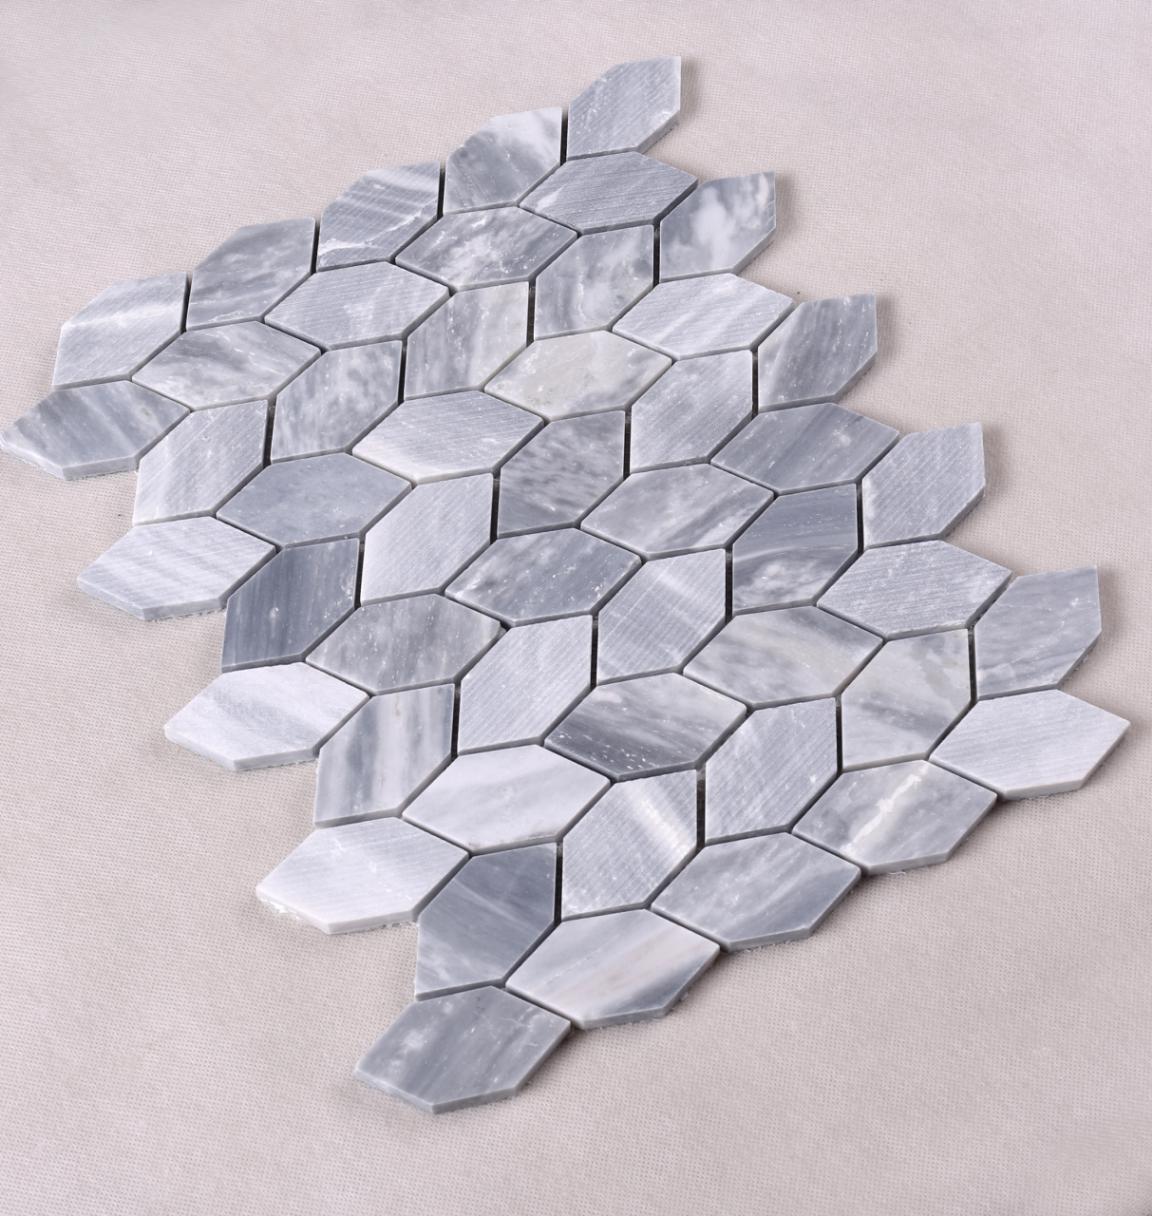 Heng Xing-Oem Odm Glass Mosaic, Mosaic Glass Tile | Heng Xing-2